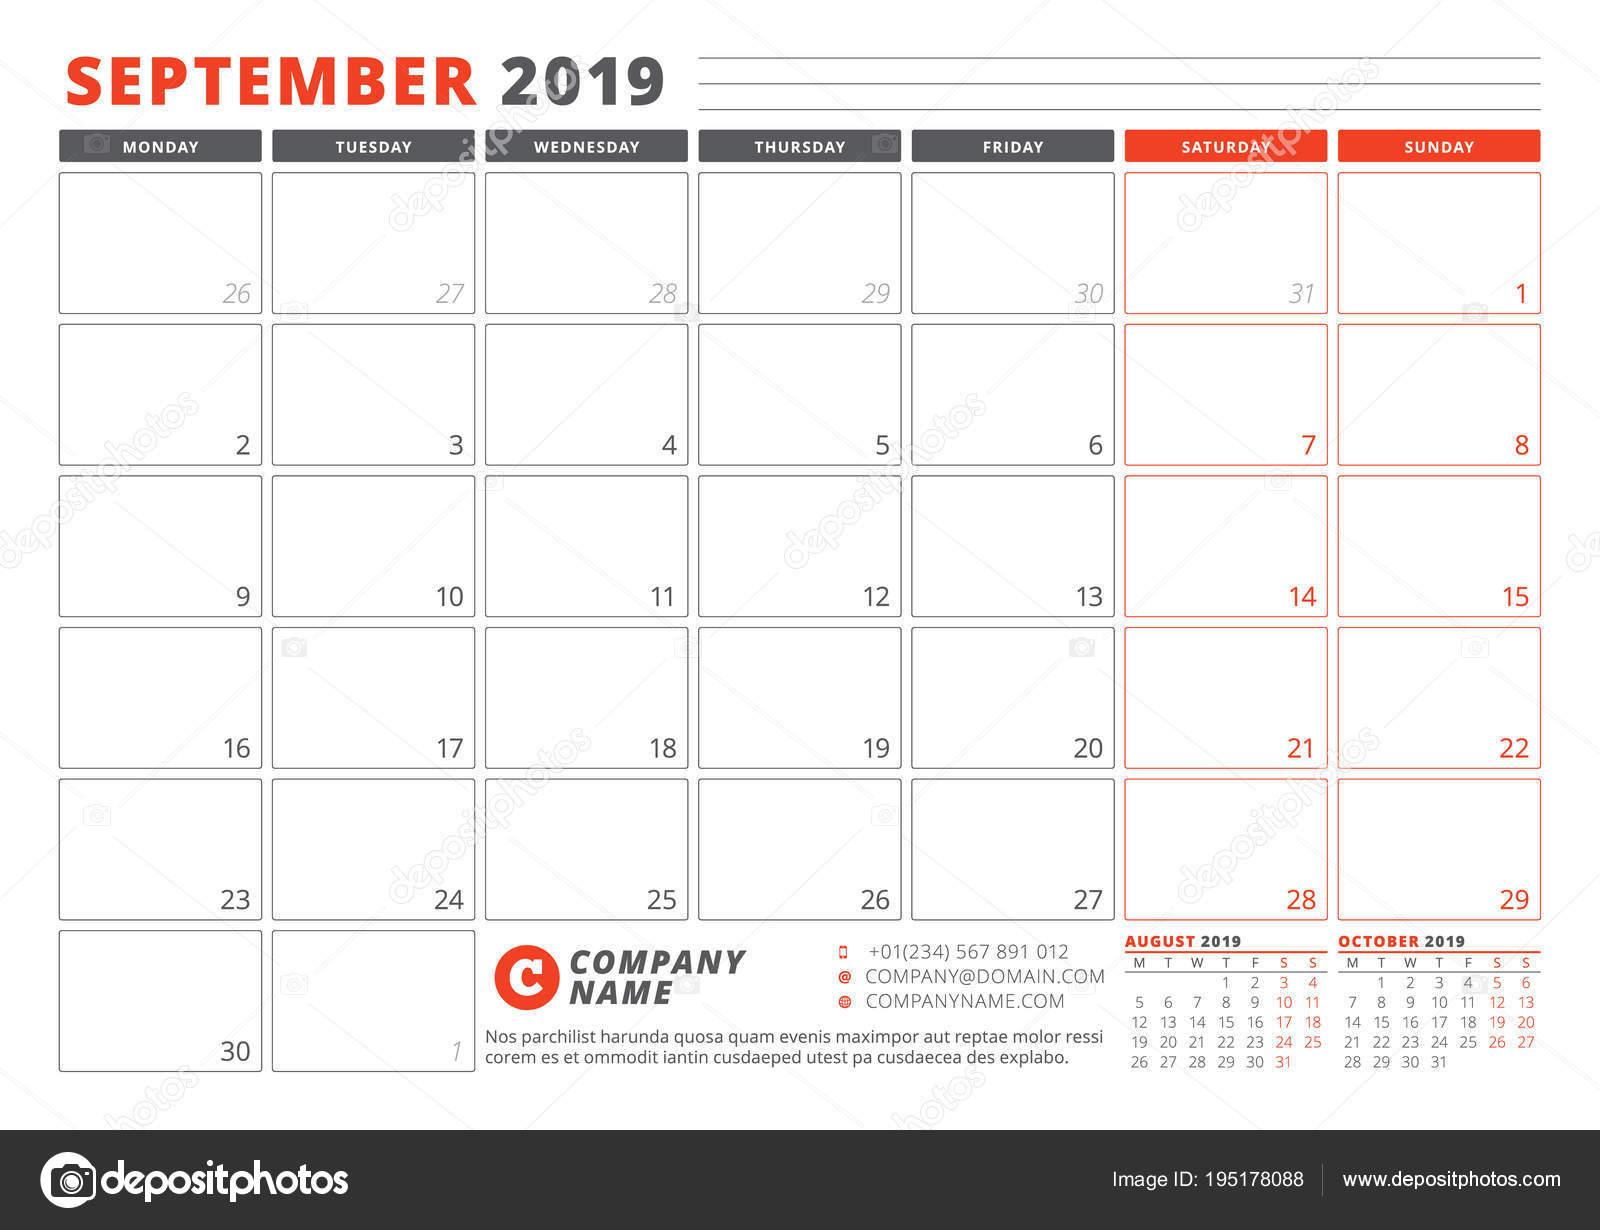 Pagina Di Calendario Settembre 2019.Modello Di Calendario Per Settembre 2019 Modello Di